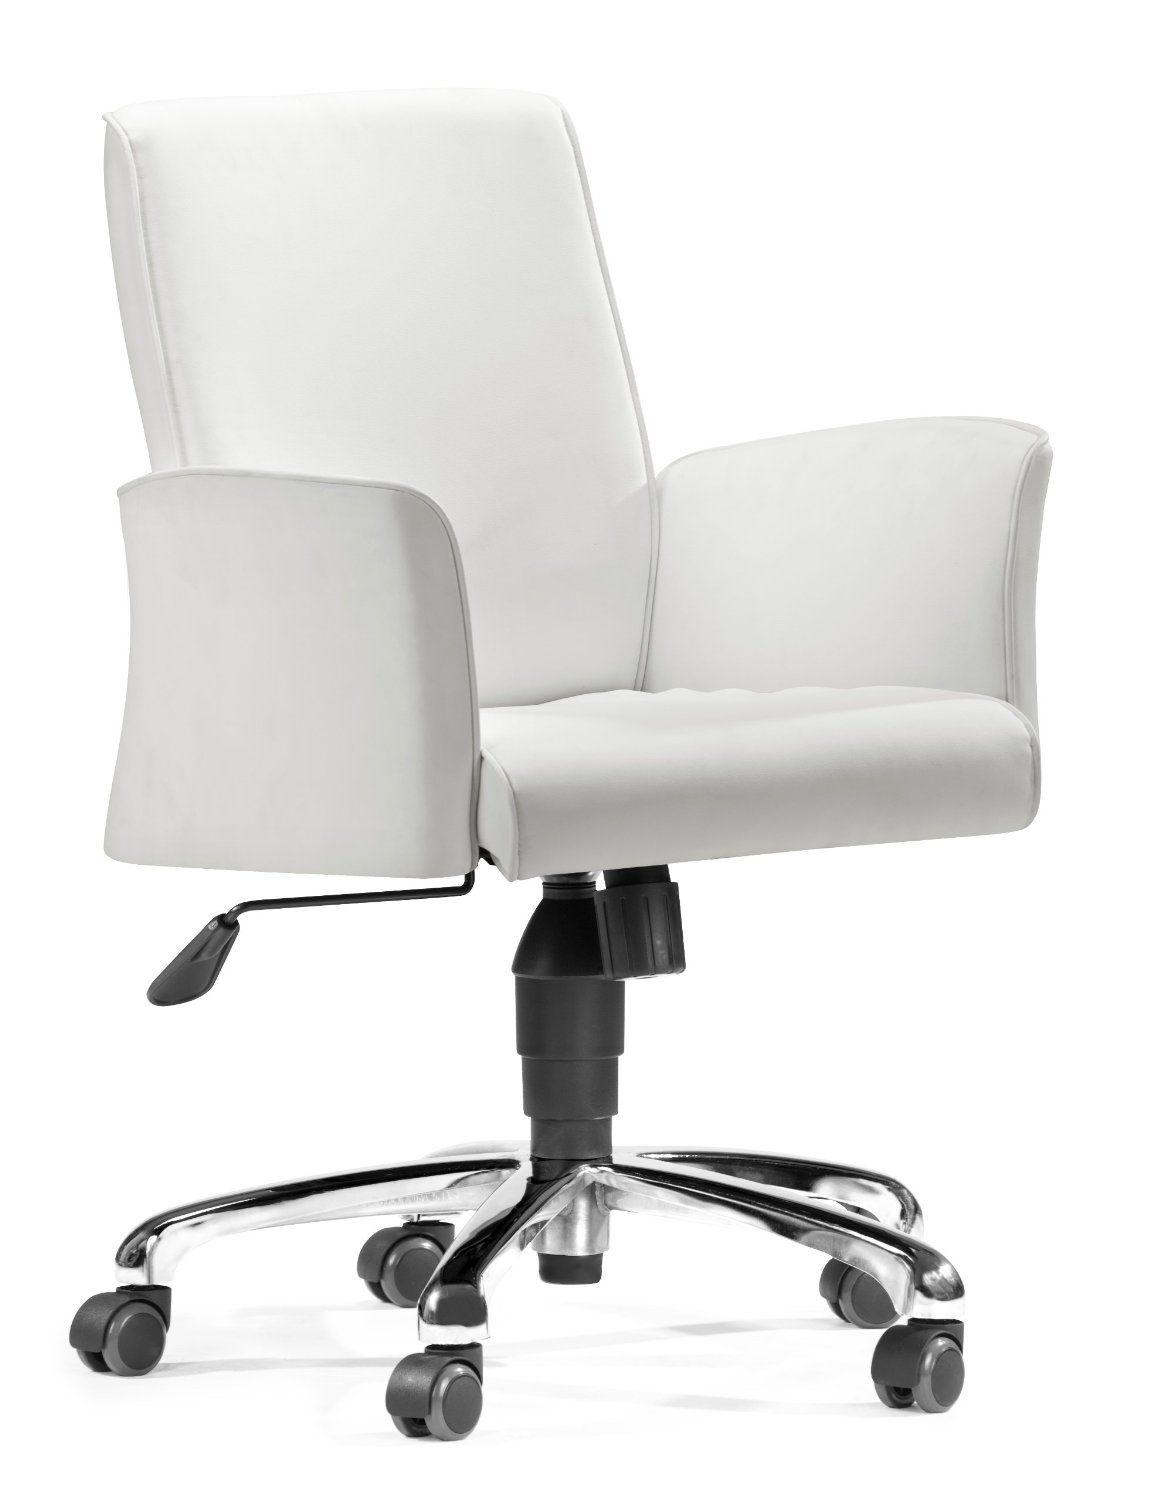 White Desk Chair Schreibtischstuhl Schreibtisch Modern Stuhle